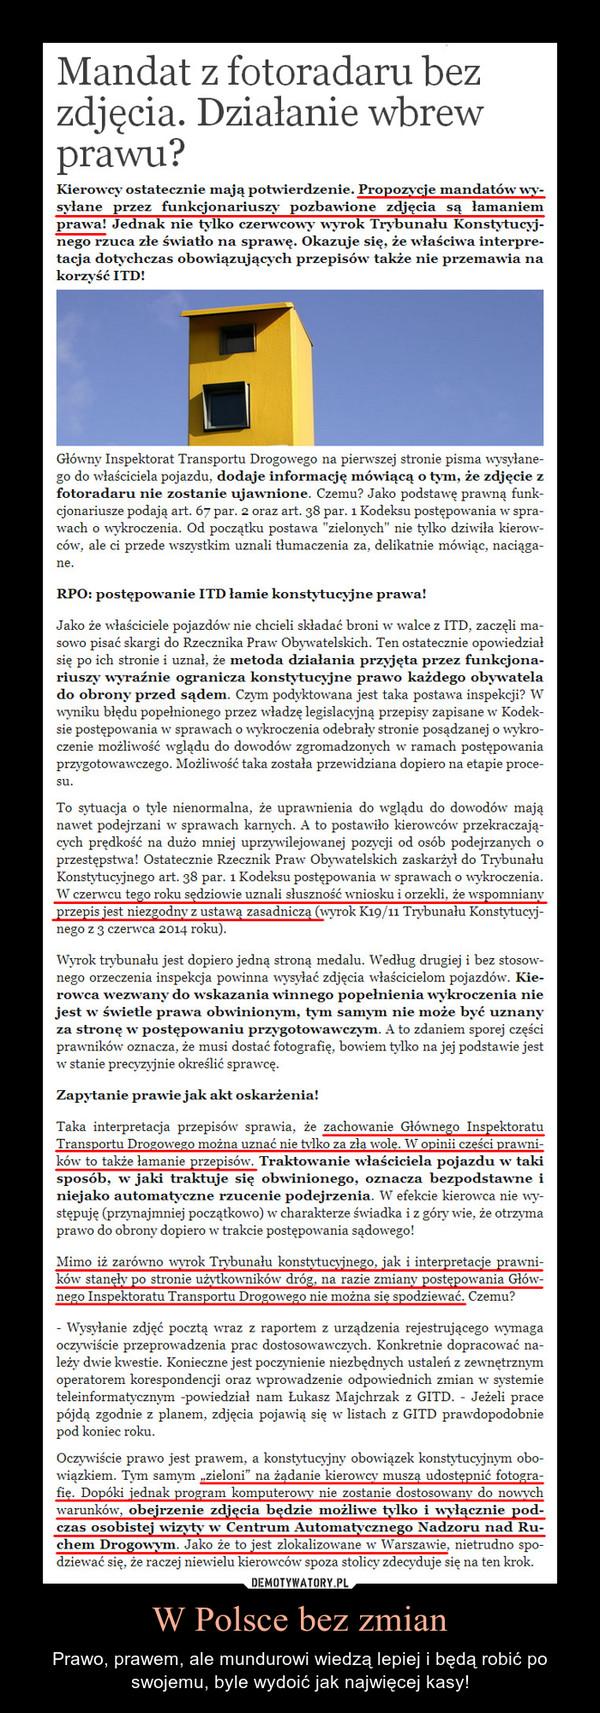 W Polsce bez zmian – Prawo, prawem, ale mundurowi wiedzą lepiej i będą robić po swojemu, byle wydoić jak najwięcej kasy!